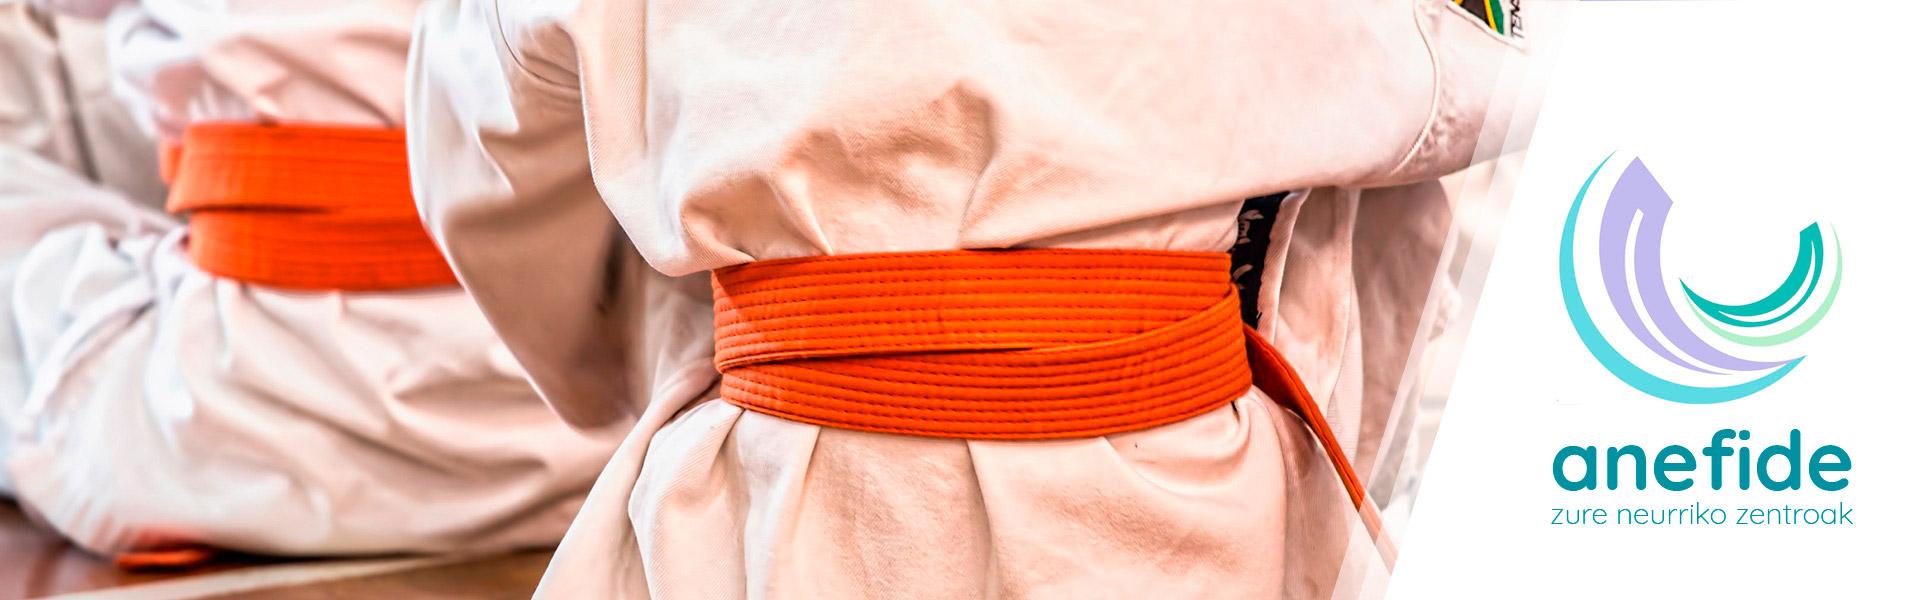 Anefide-karate-EUS